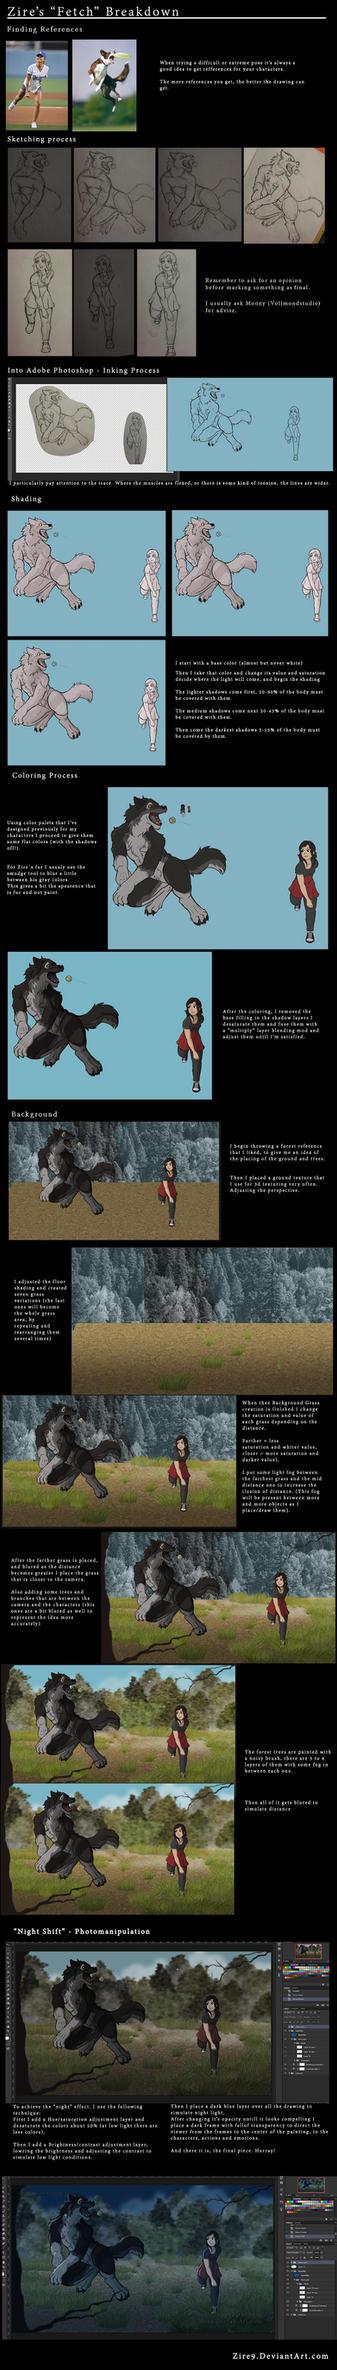 Fetch - Tutorial Breakdown by Zire9